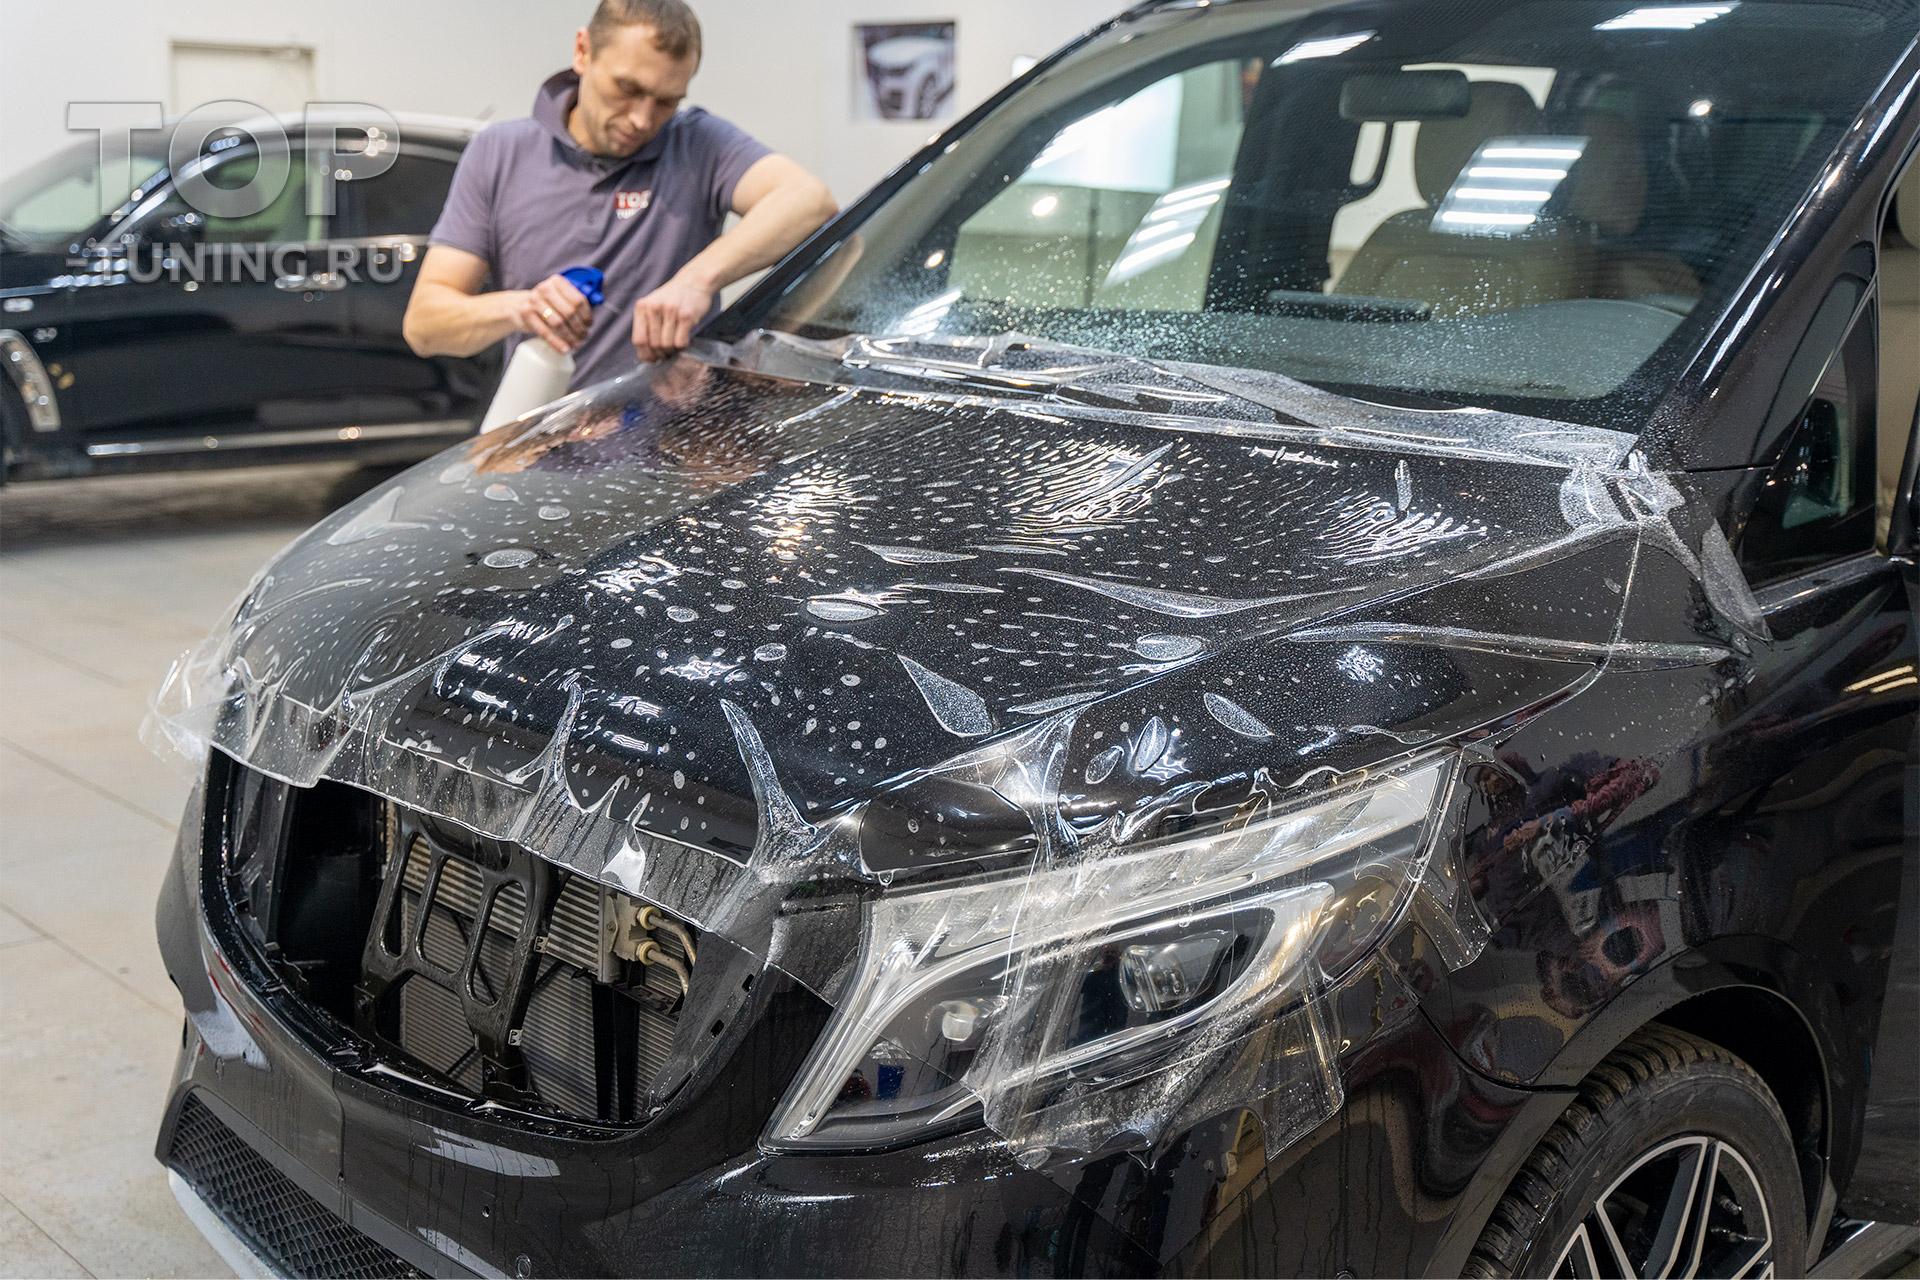 Зона риска - Защита от сколов и камней для Mercedes В класса, 447 XL